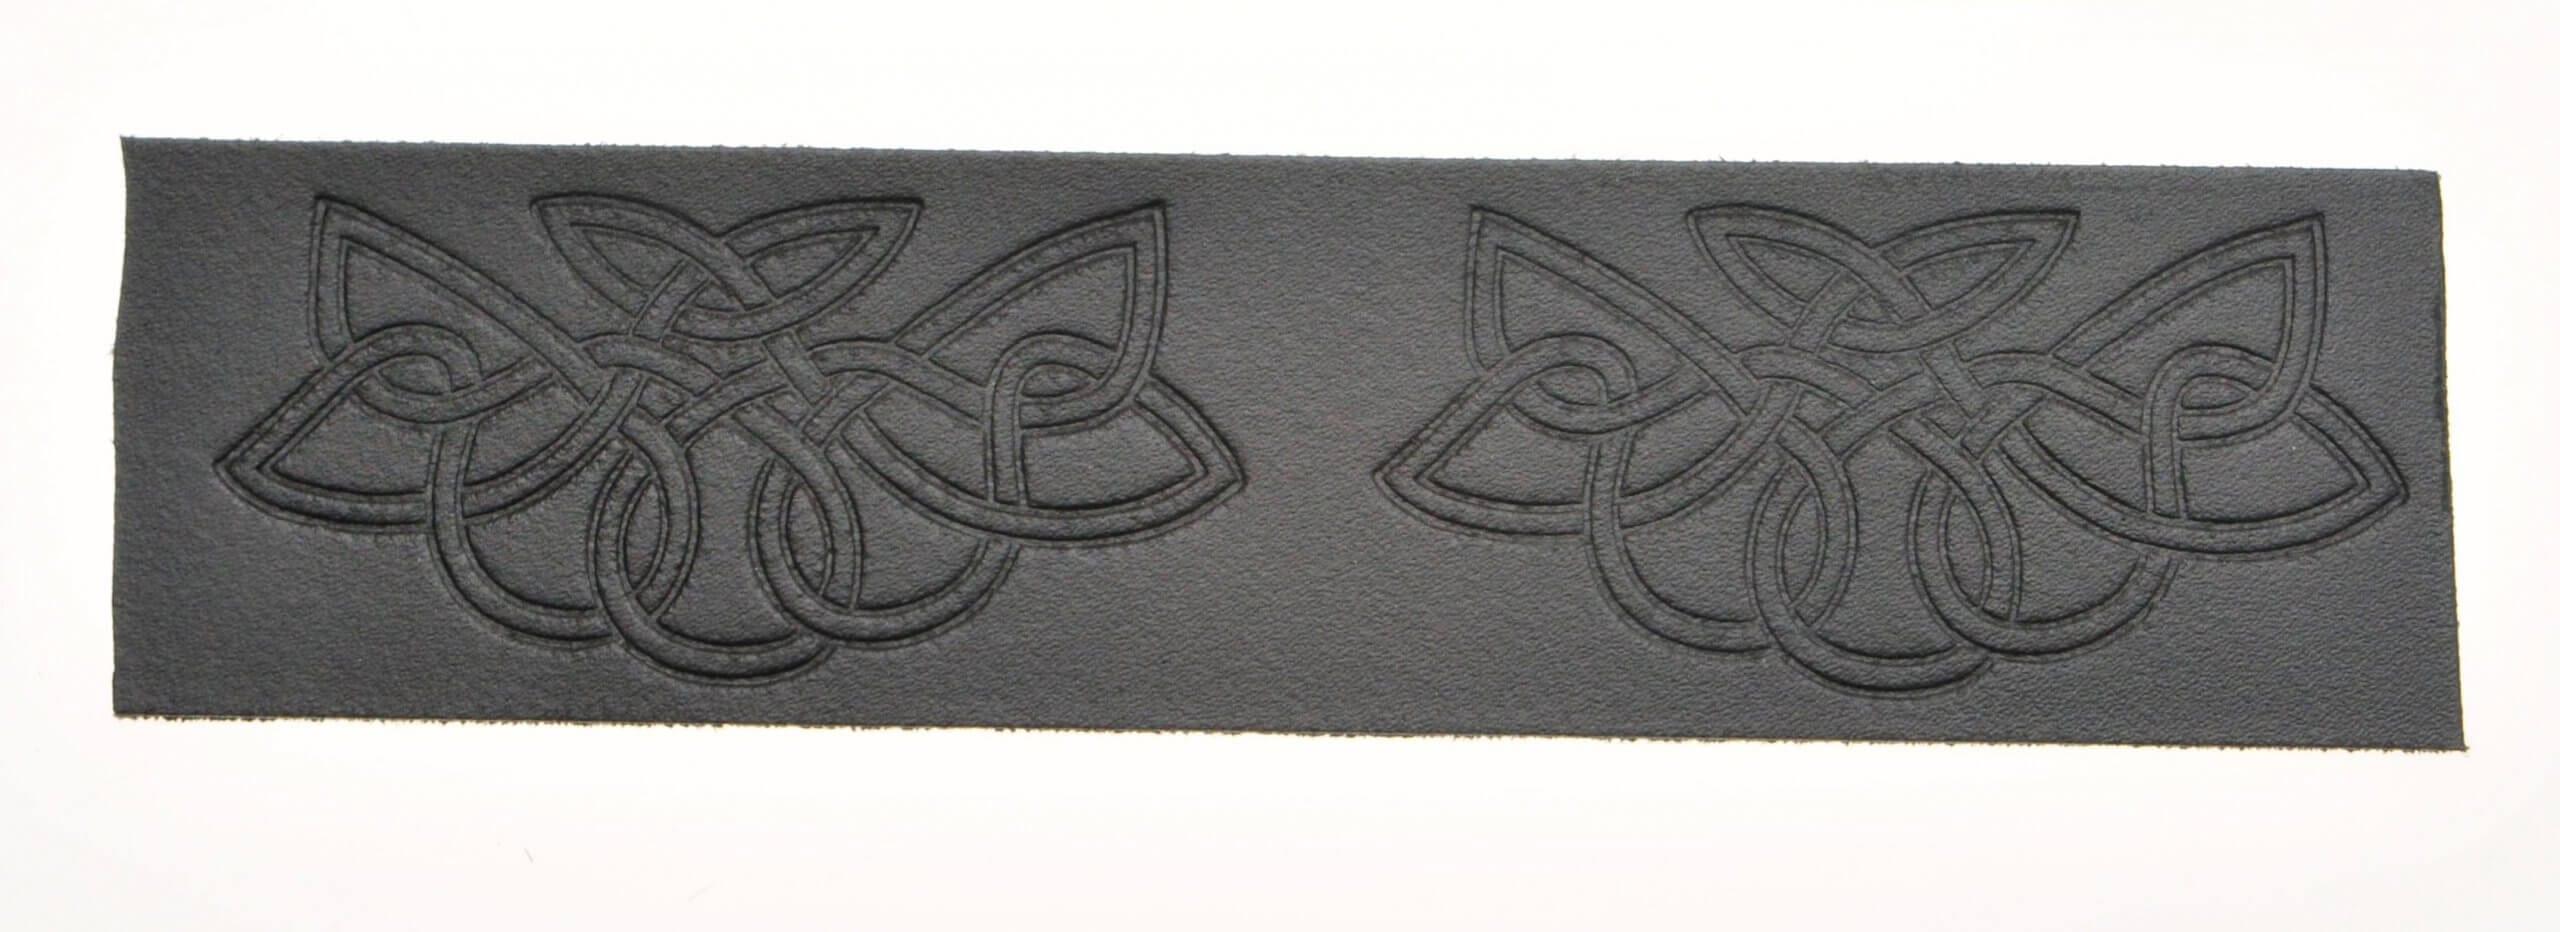 Kilt Belt - Gothic Embossed